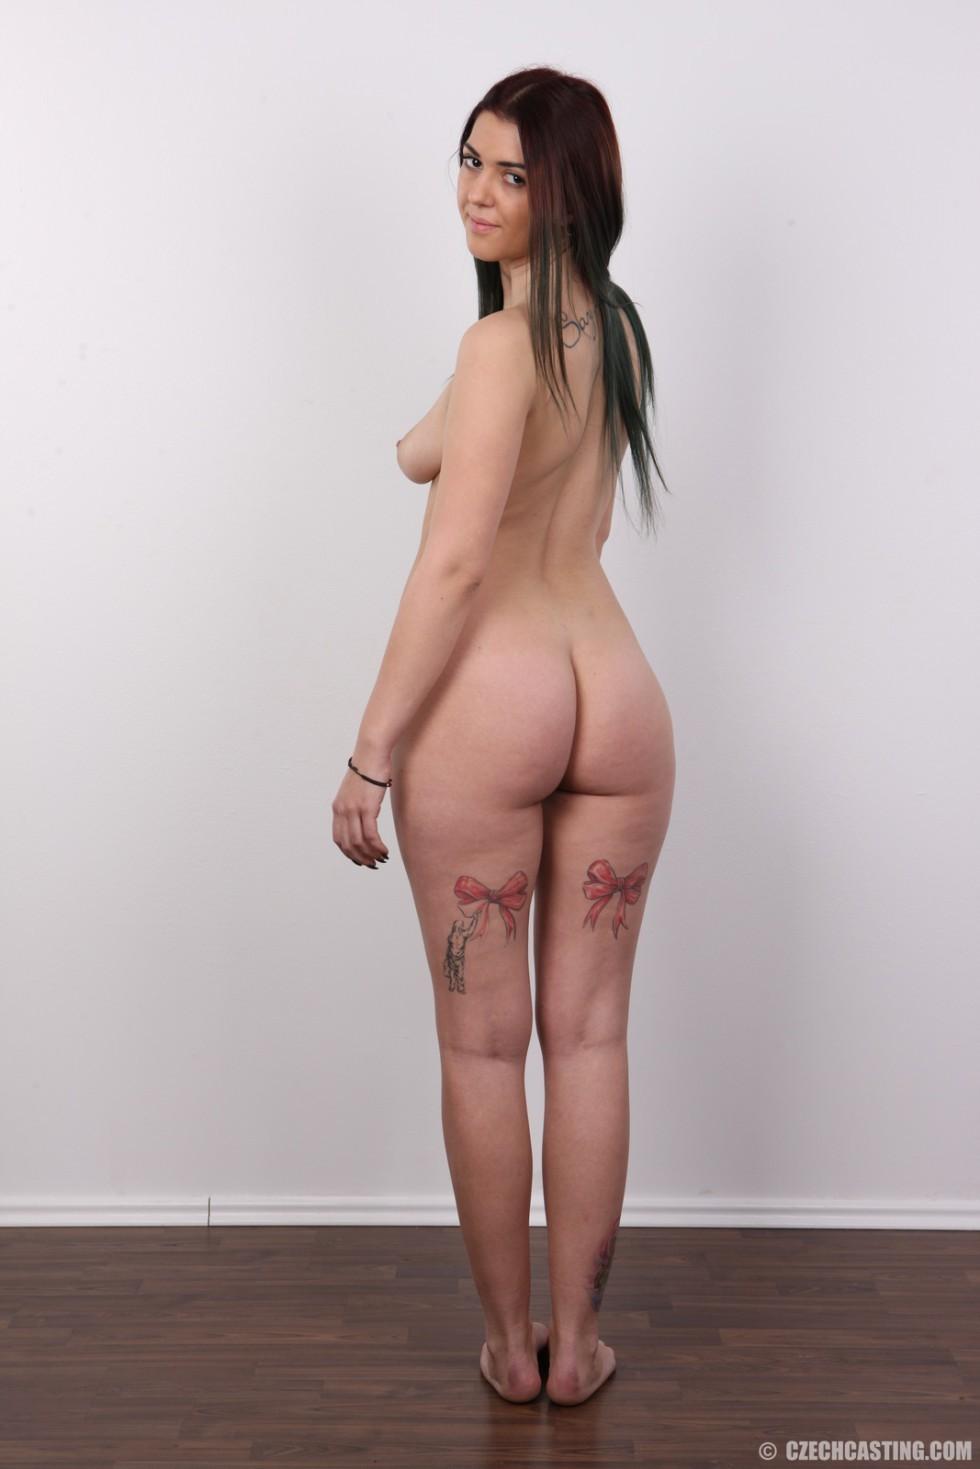 Bethany joy lenz naked pics